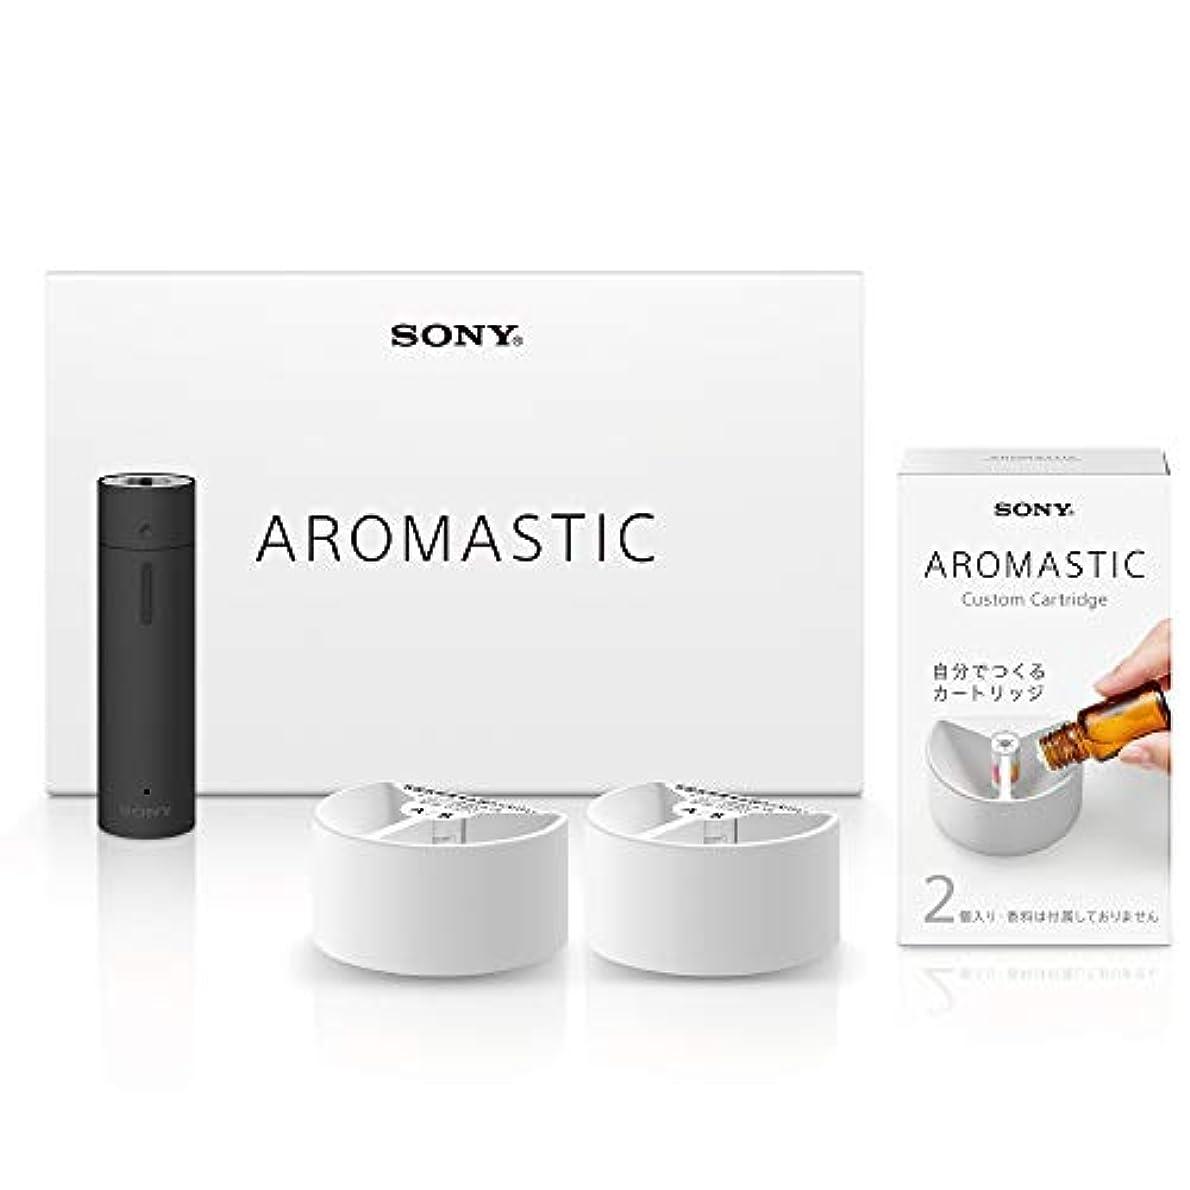 恋人カートリッジ書道AROMASTIC Gift Box(ギフトボックス) B001